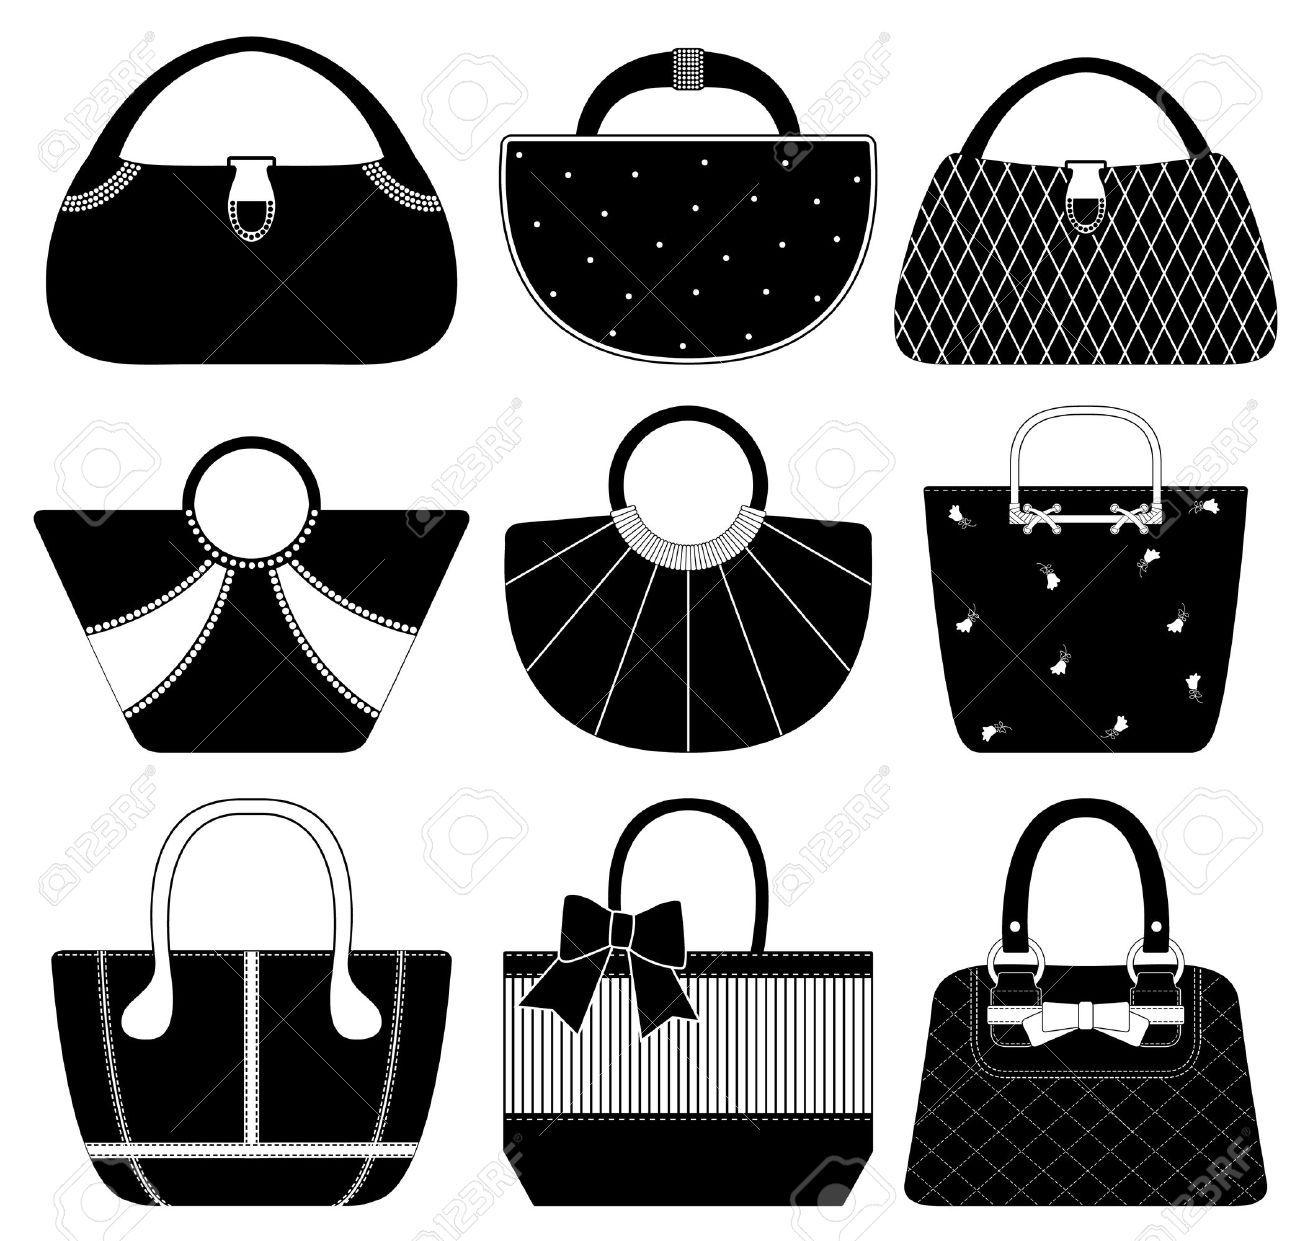 8723517-Female-Bag-Handbag-Purse-Fashion-Woman-Stock ...